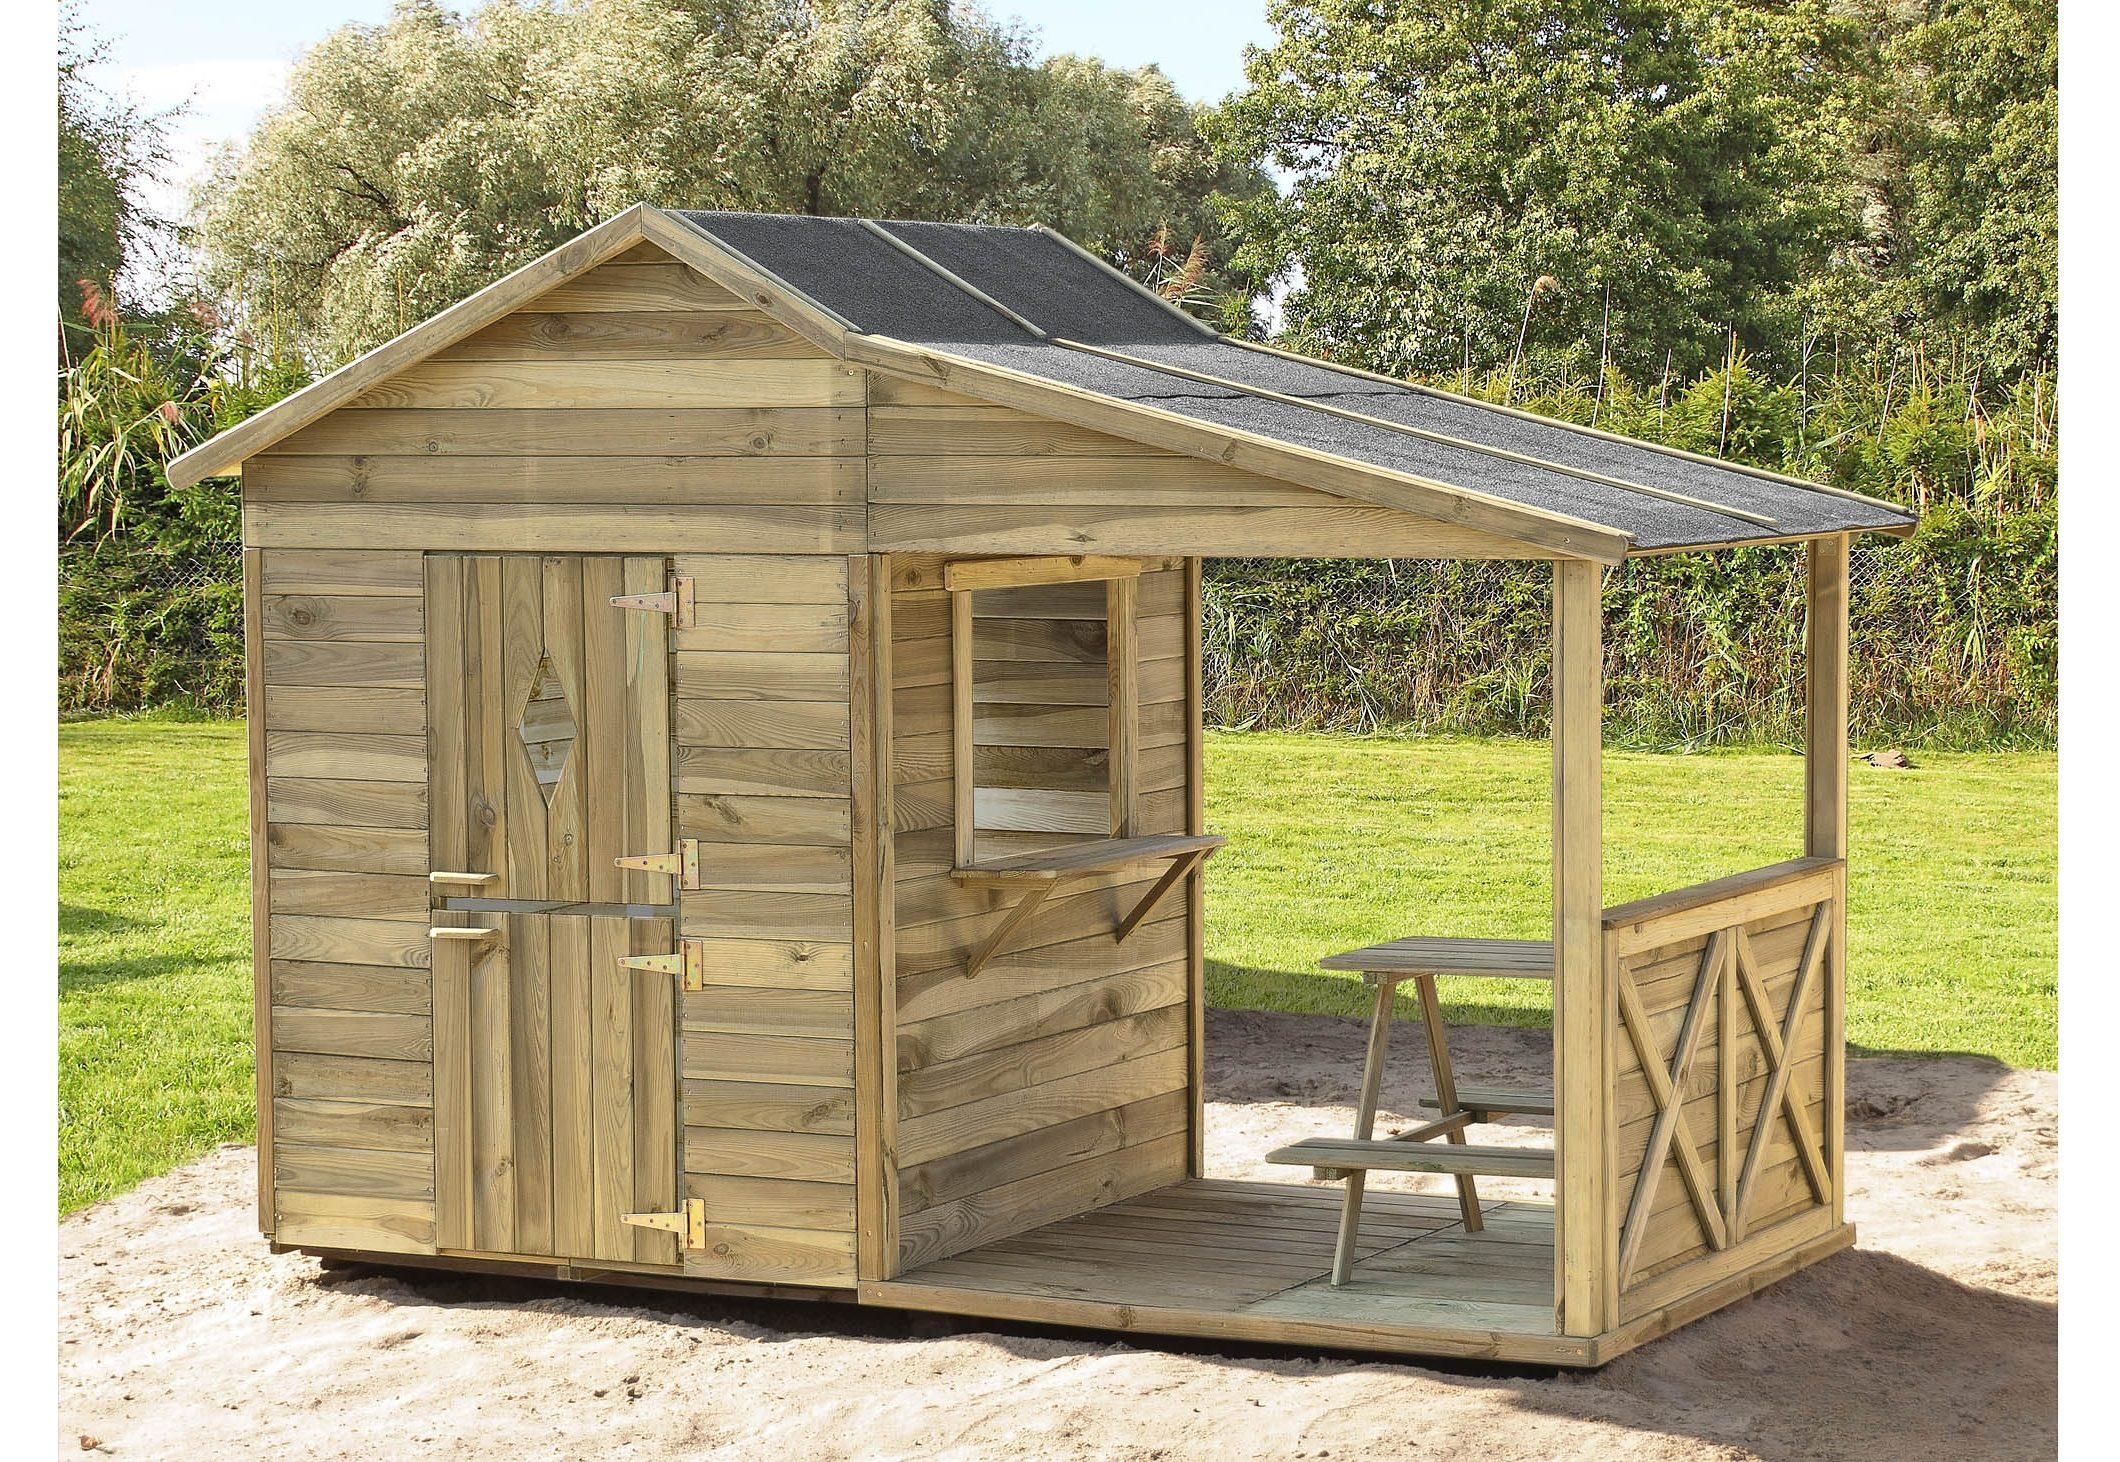 Dein Spielplatz Spielhaus aus Holz mit Terrasse »Taverne Geronimos Lodge«.